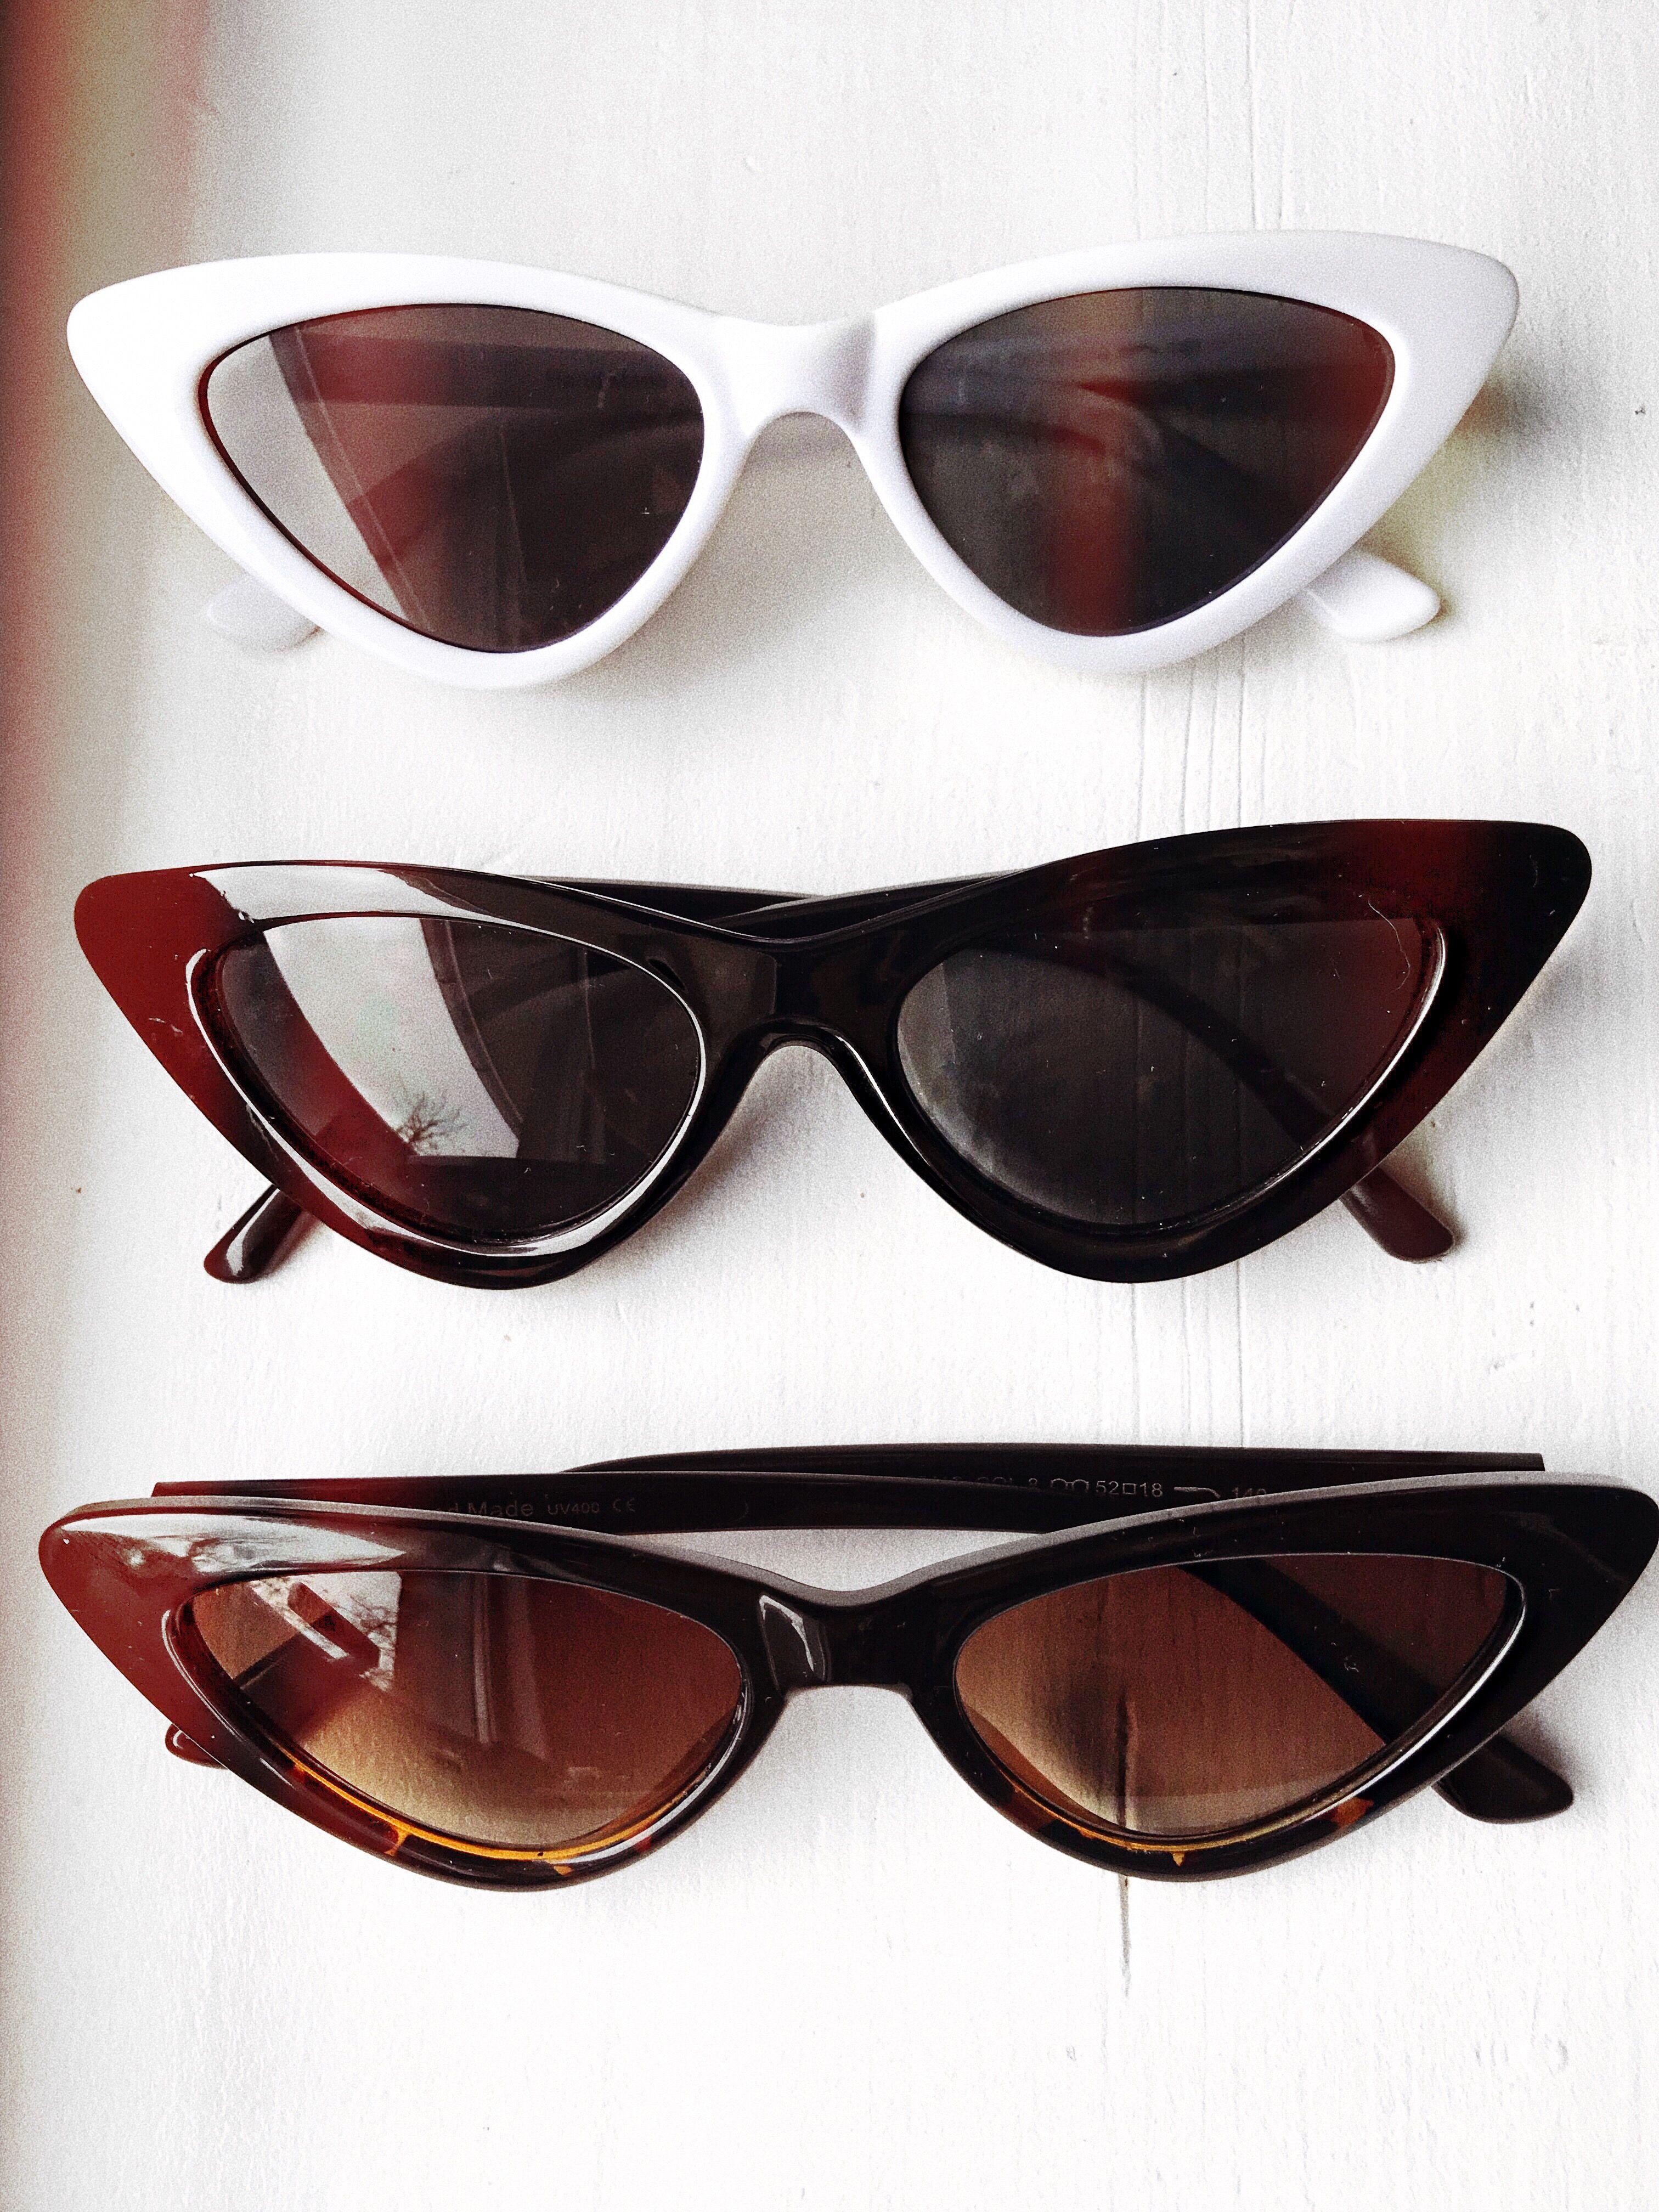 Usando Óculos, Oculos De Sol, Acessórios Femininos, Roupas Tumblr, Óculos  Descolados, 2183a32a87